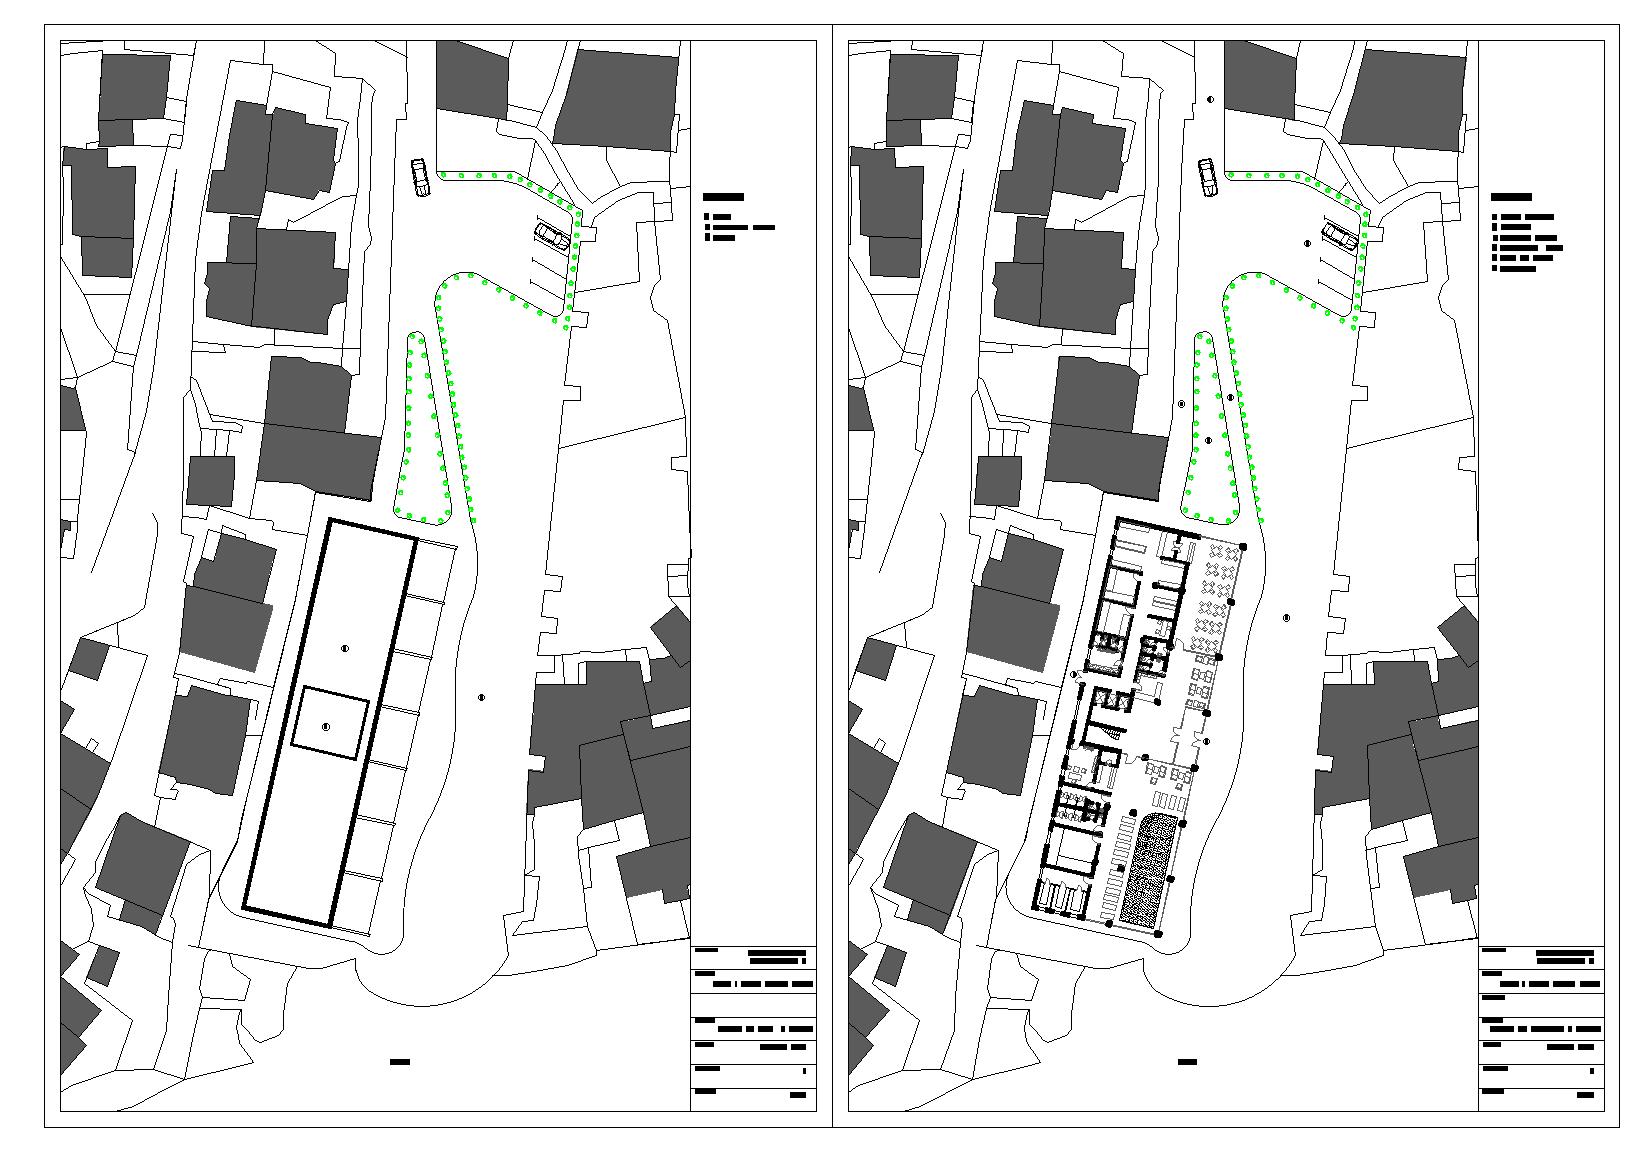 Hotel Macedonia plan detail dwg file.